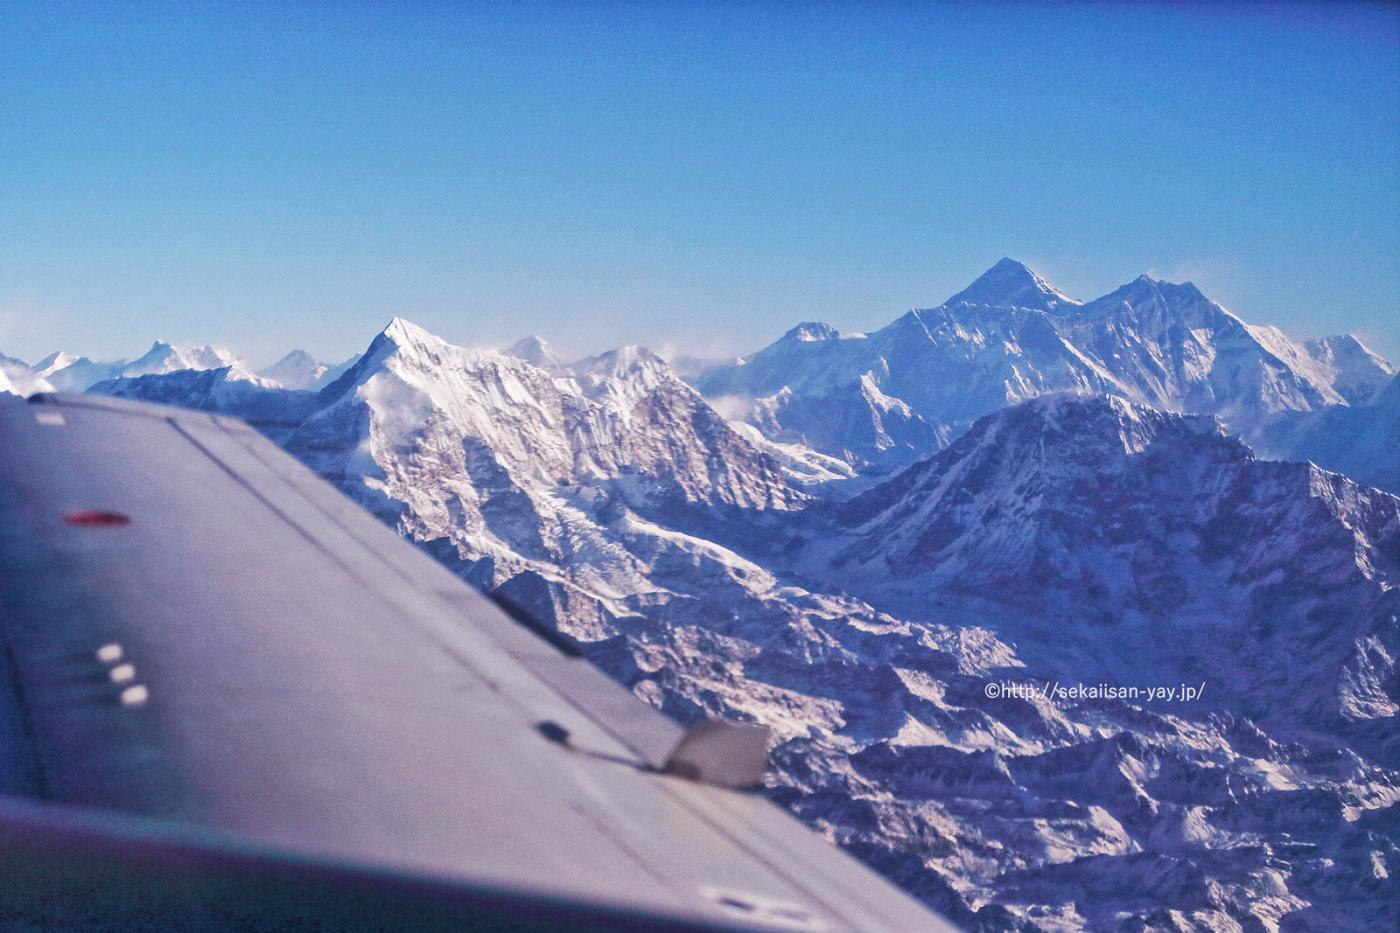 ネパール世界遺産「サガルマータ国立公園」 - エベレスト(チョモランマ)